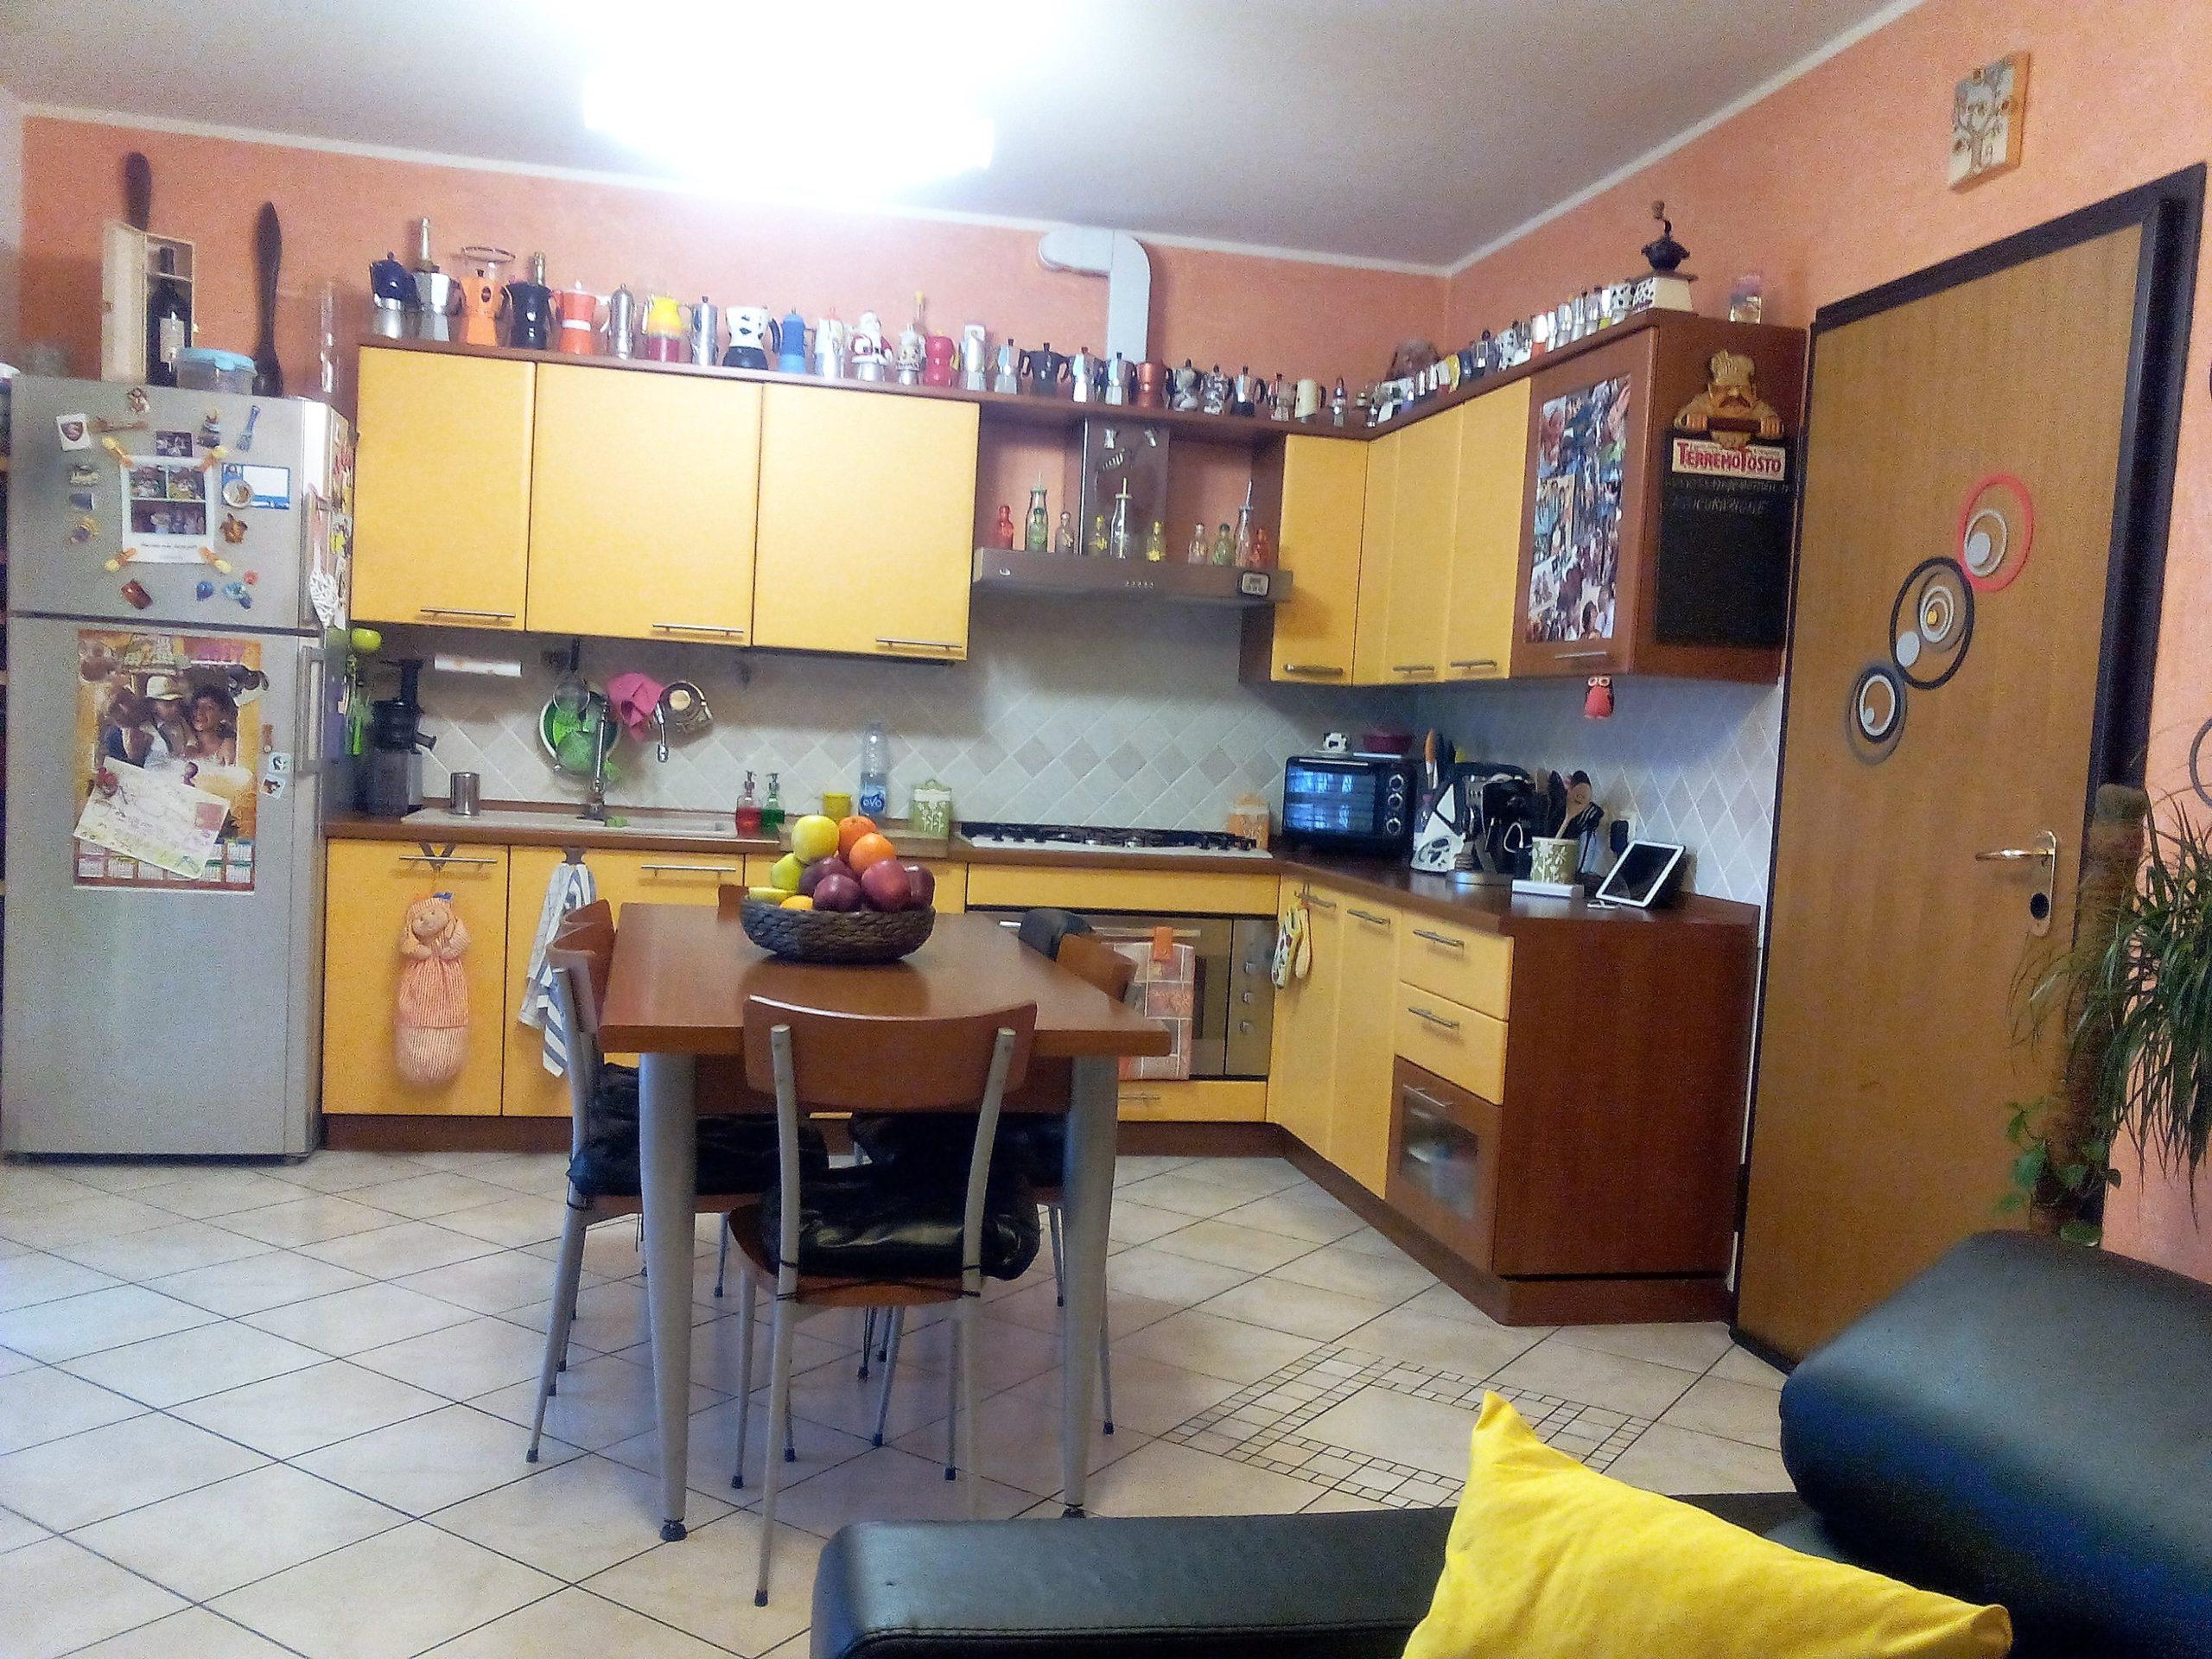 VENDITA appartamento 2 letto doppie € 140.000 CastelBolognese